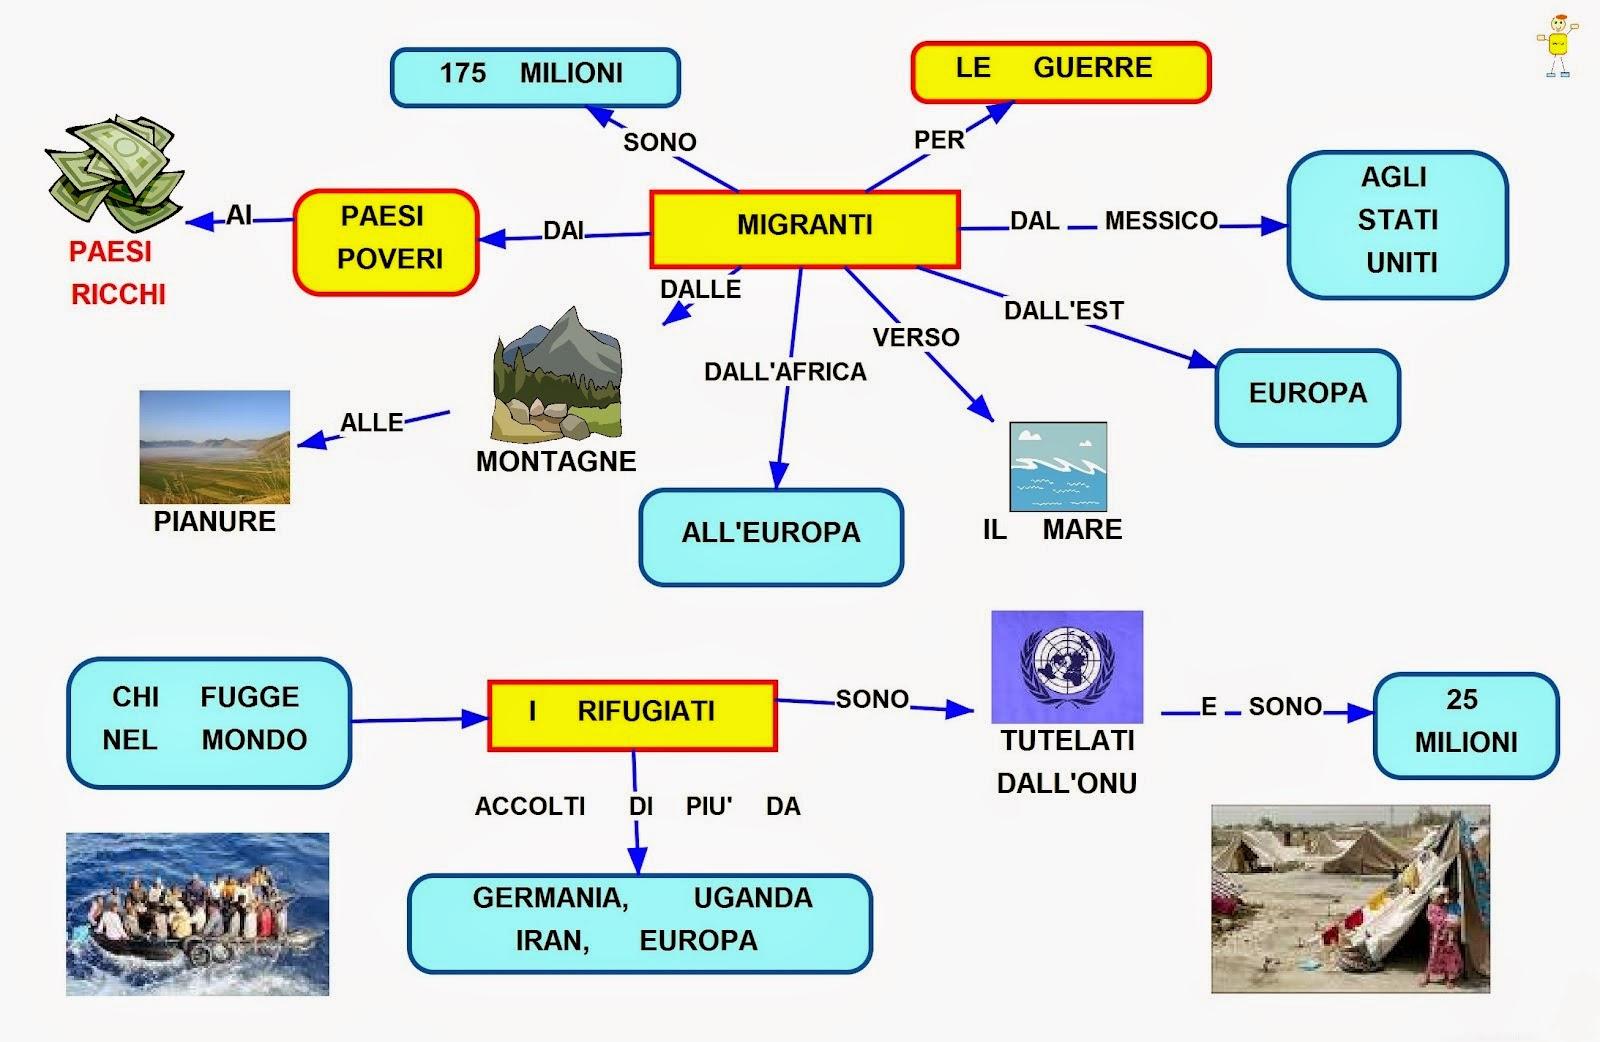 Mappa concettuale rifugiati - Mappa messico mappa da colorare pagina ...